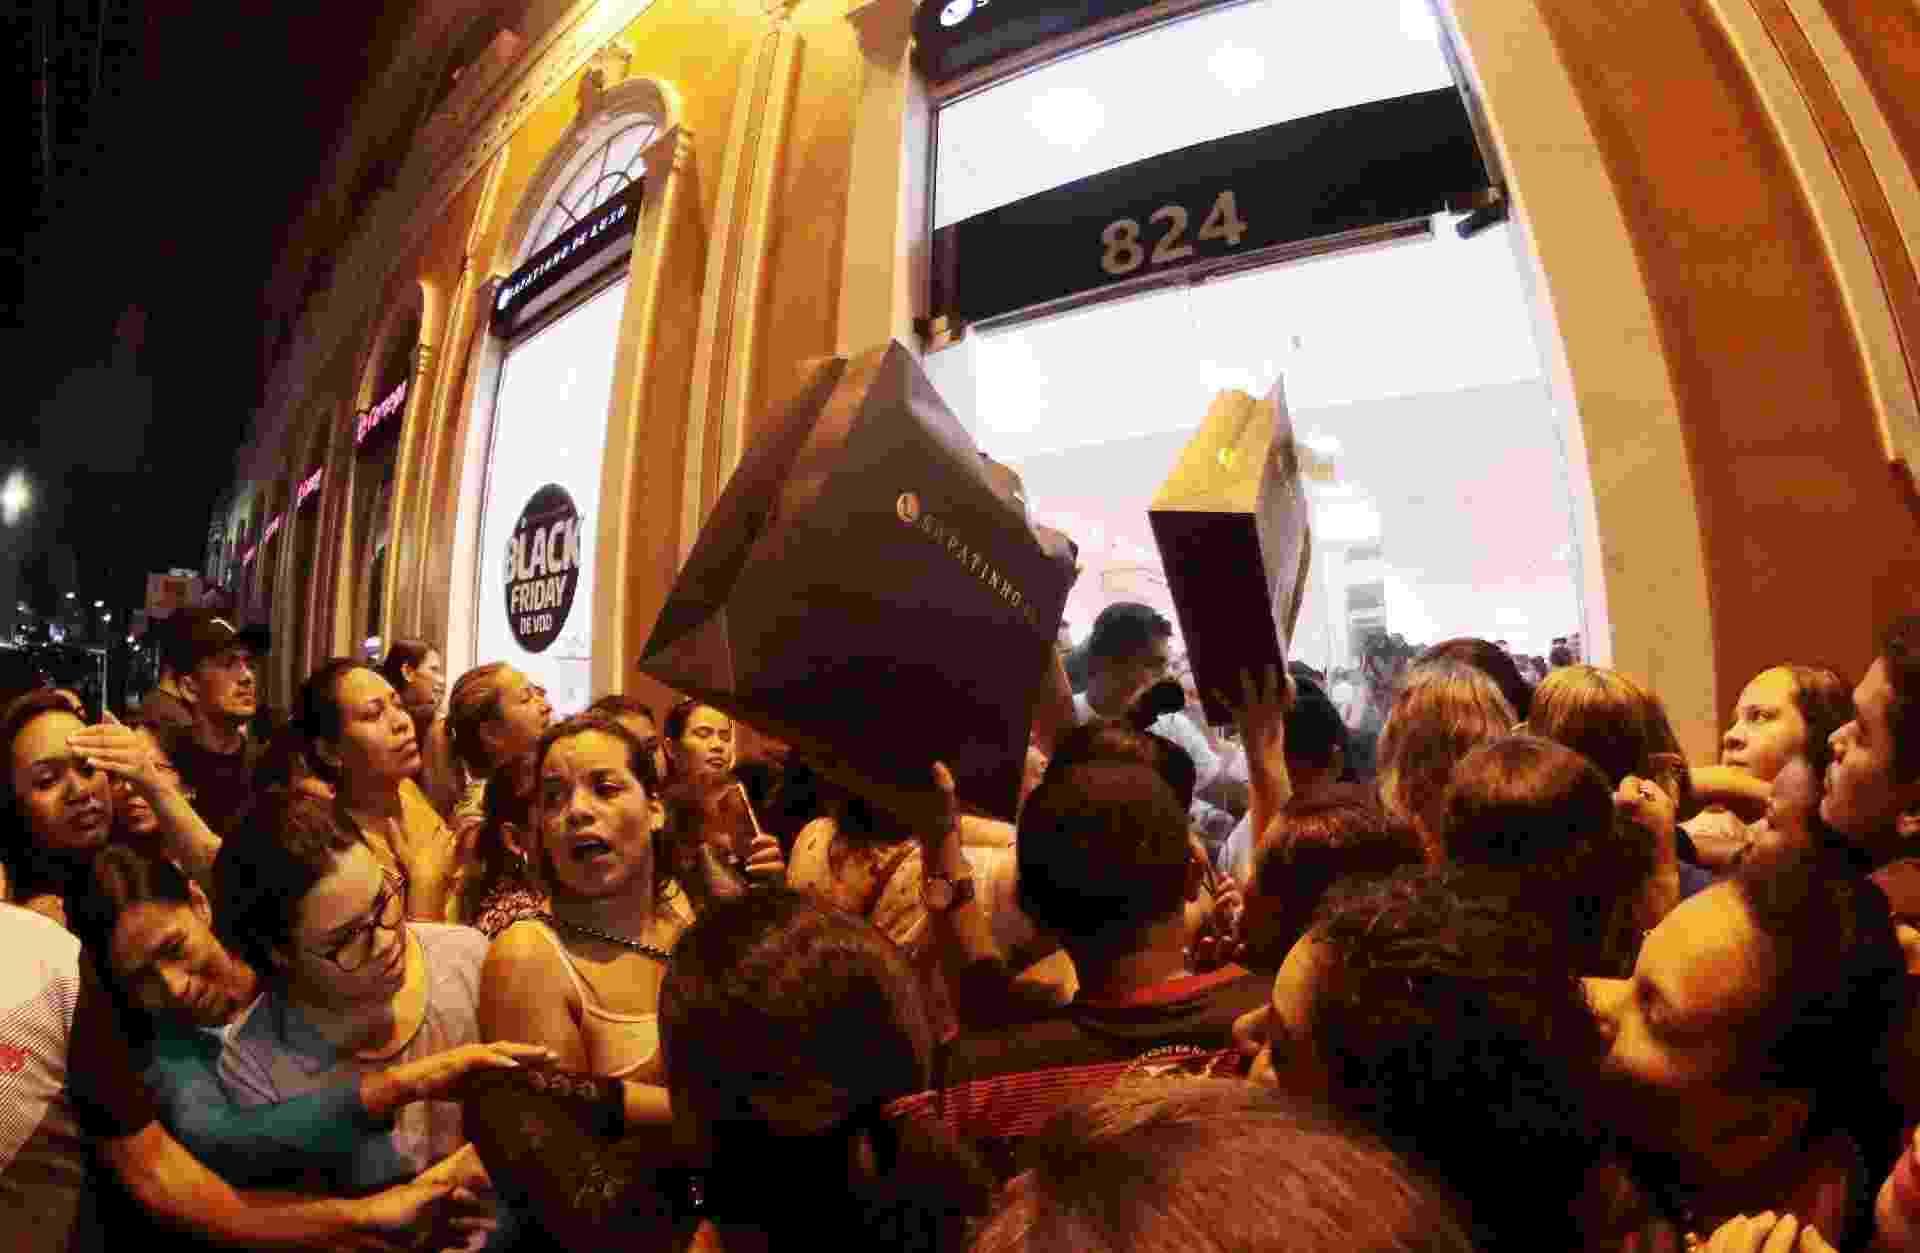 Consumidores em frente a uma loja de calçados na avenida 7 de Setembro, no centro de Manaus (AM), na madrugada desta sexta-feira - Edmar Barros/Futura Press/Estadão Conteúdo